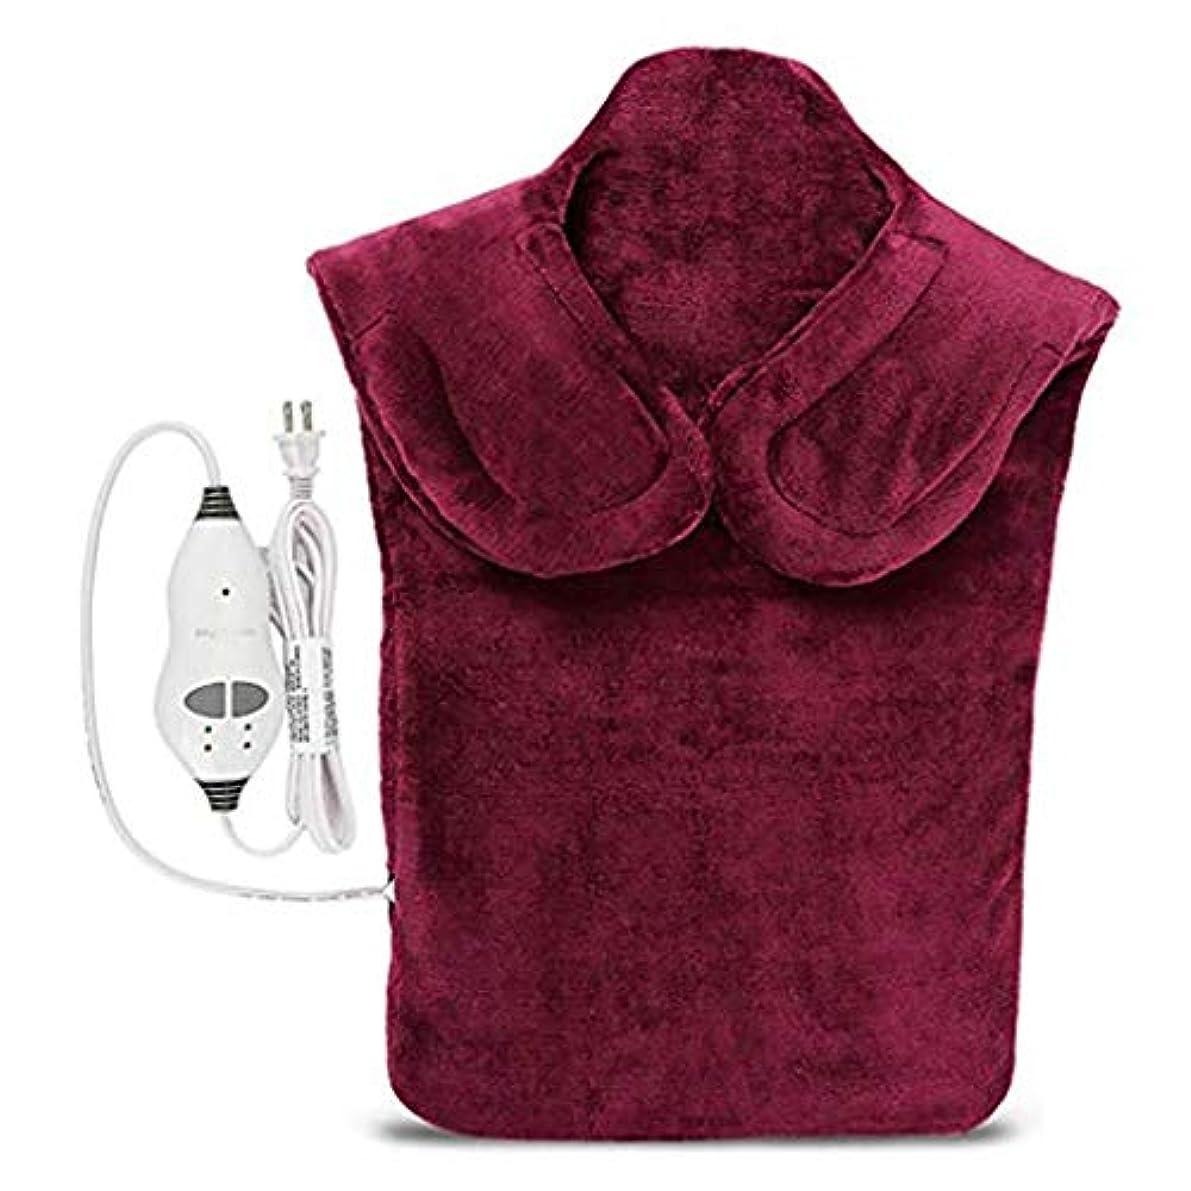 確実まつげ老朽化した戻る電気マッサージ器、首暖房パッド、フランネル健康ラップ首/肩/血液循環を促進、筋肉の痛みを和らげる、暖かい保つために (Color : Winered, Size : One size)